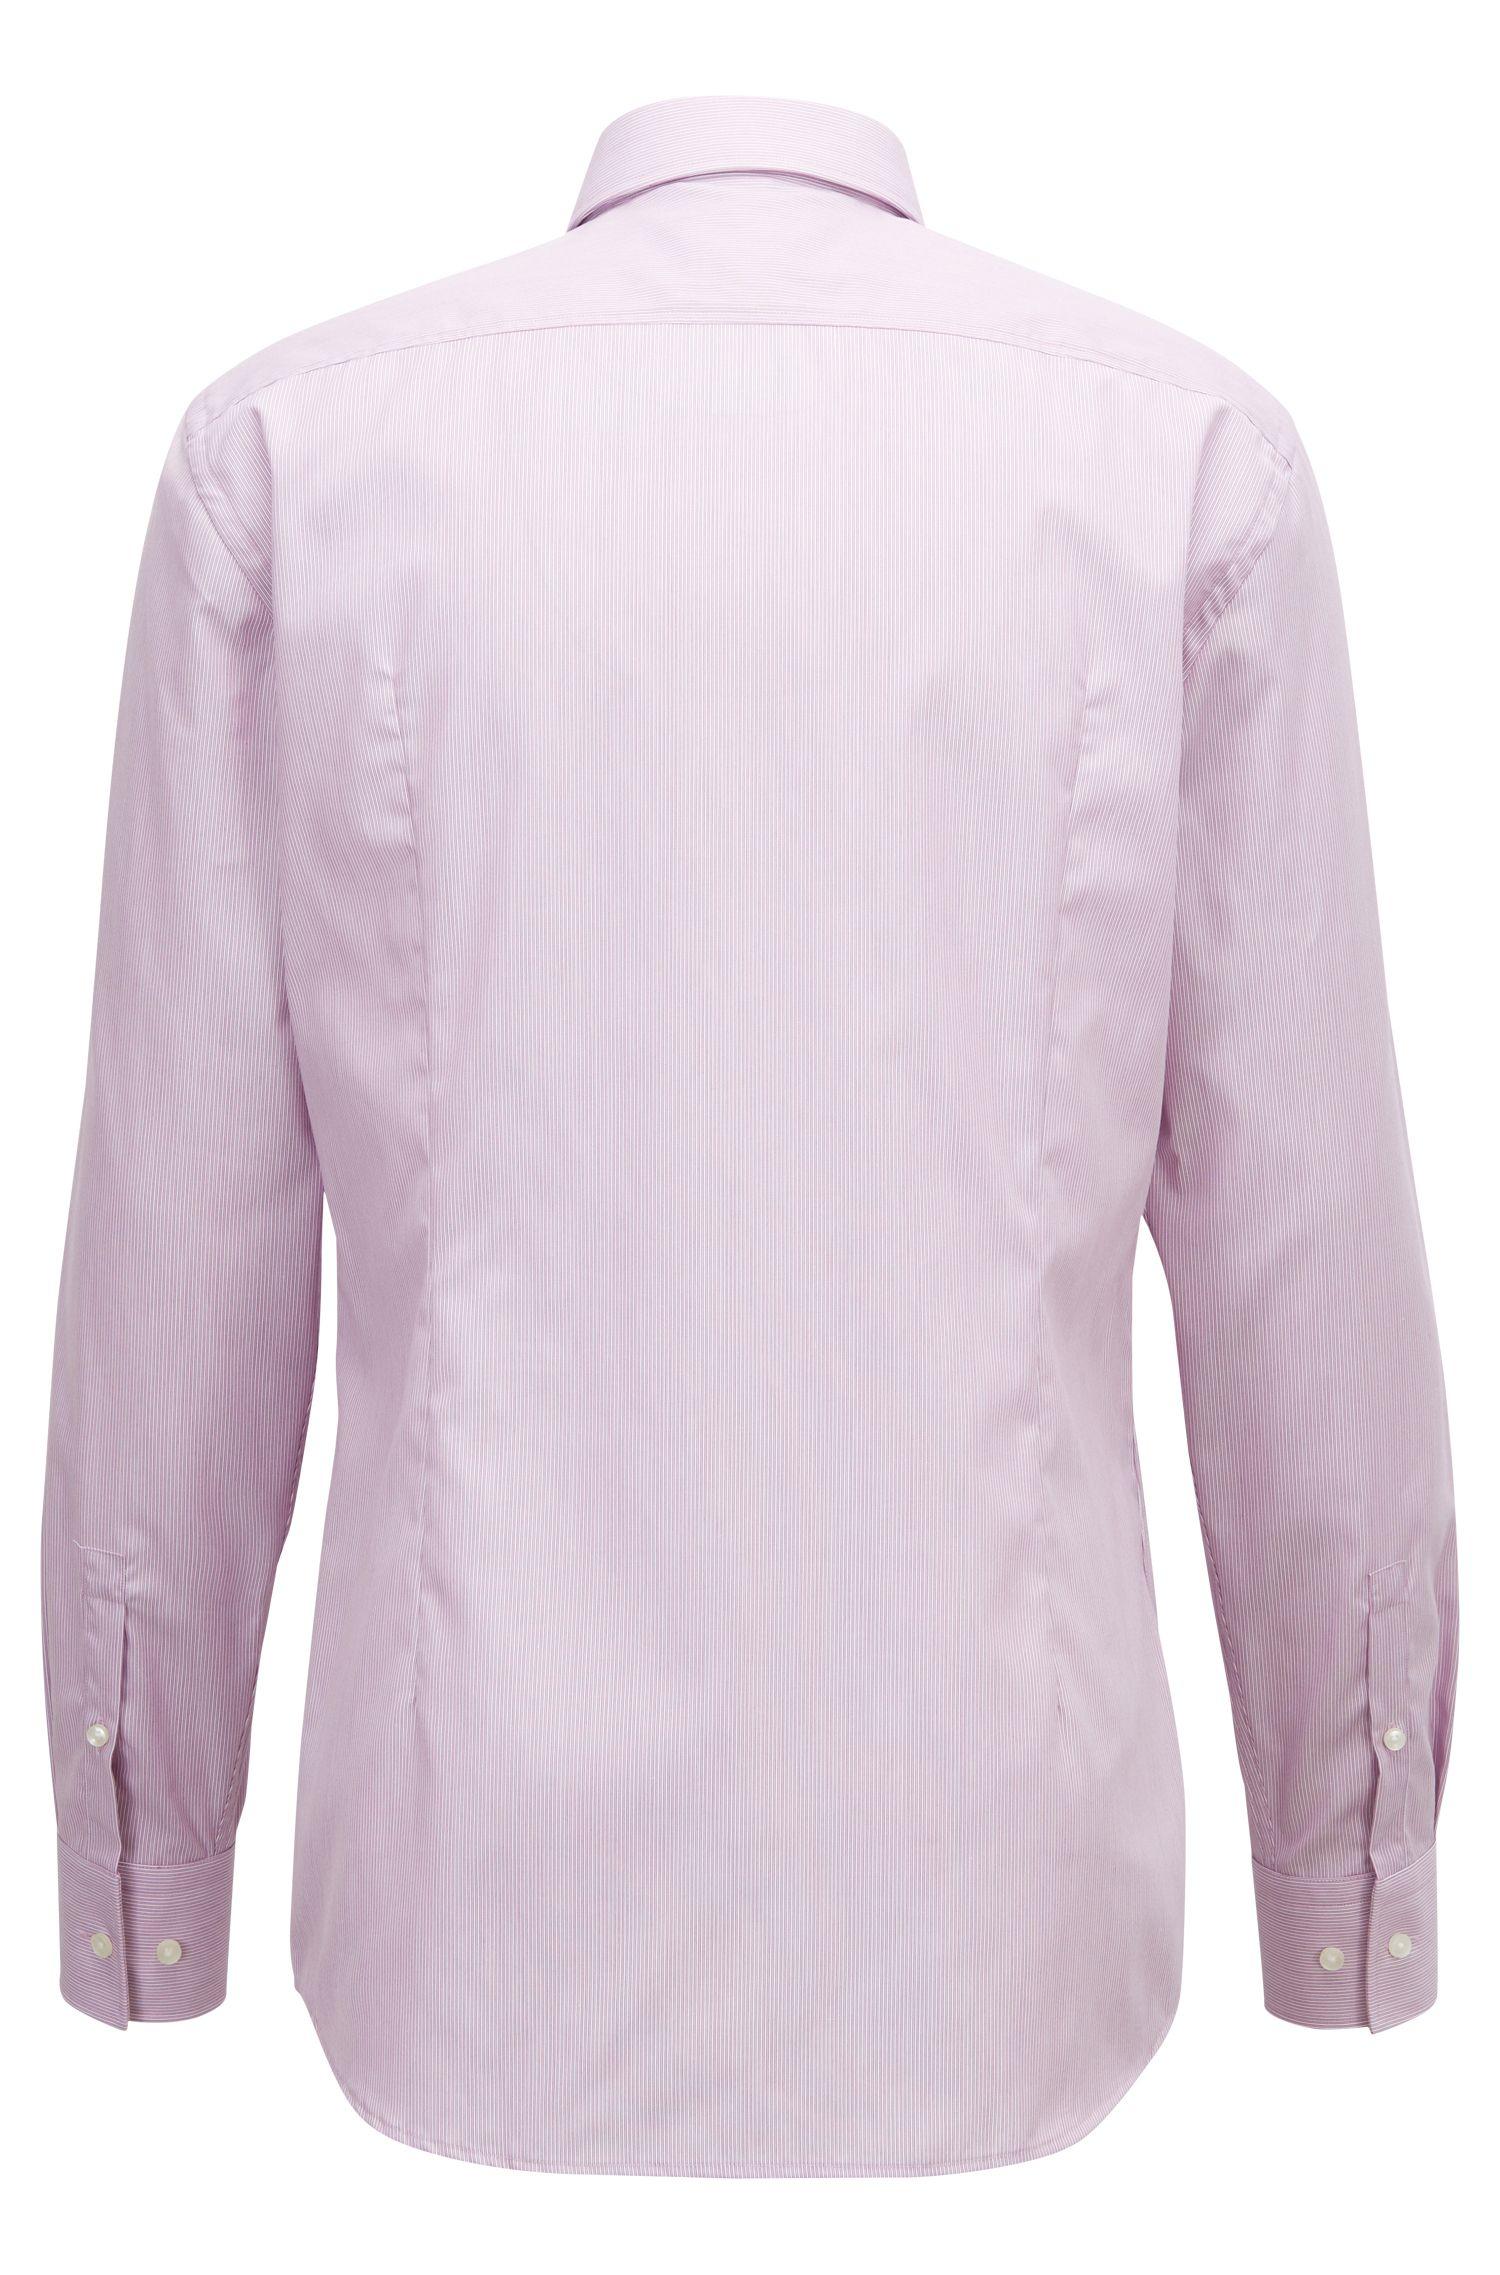 Slim-fit shirt in easy-iron striped cotton poplin, Dark pink